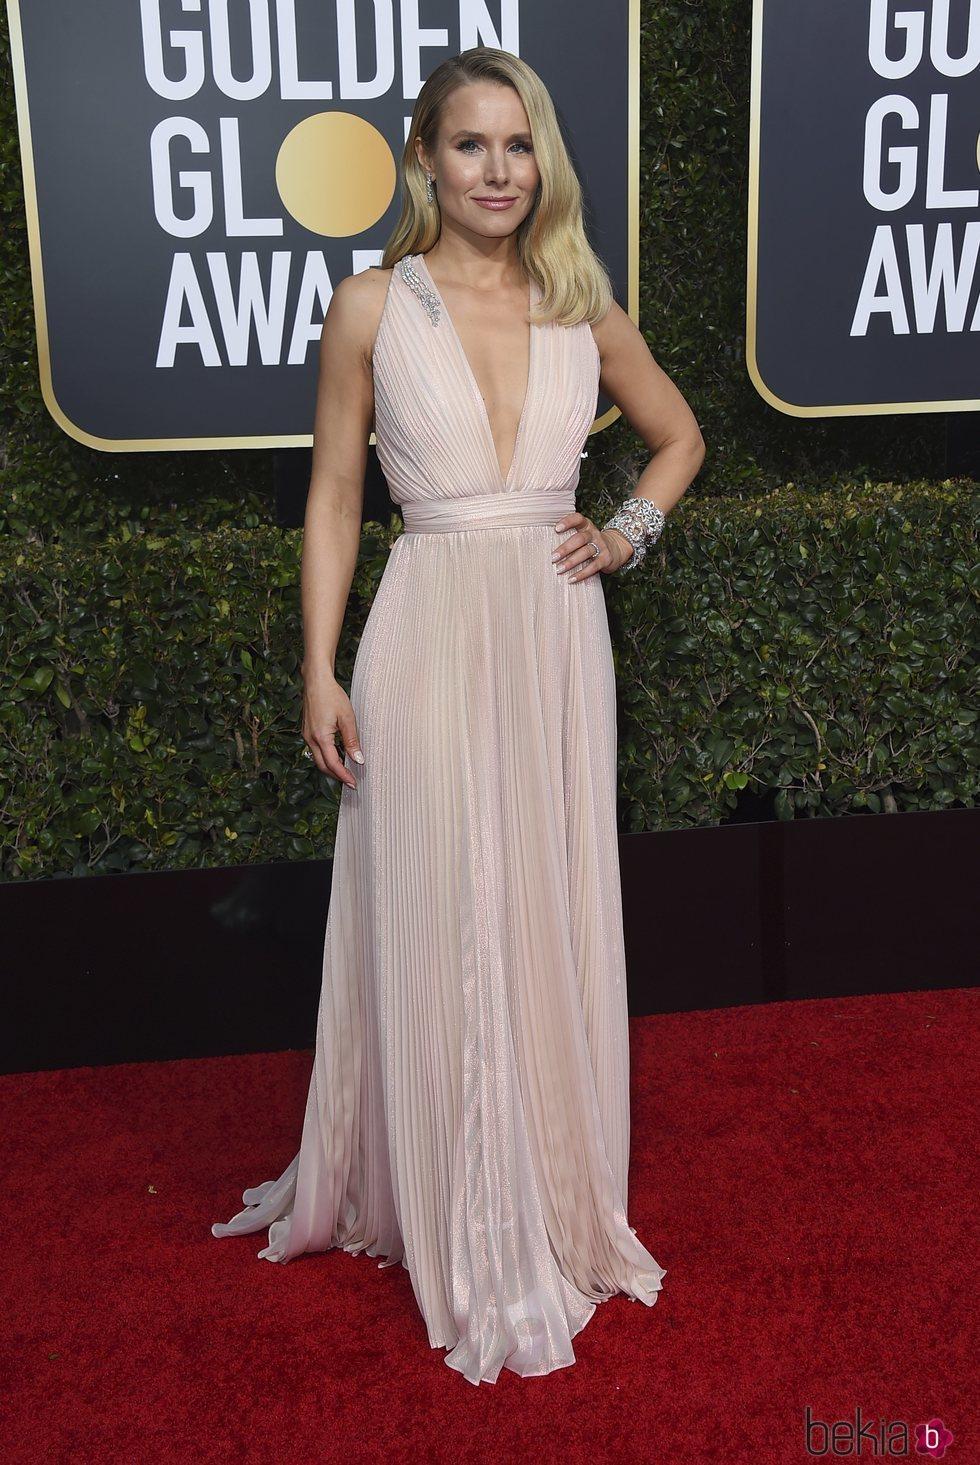 Kristen Bell en la alfombra roja de los Globos de Oro 2019